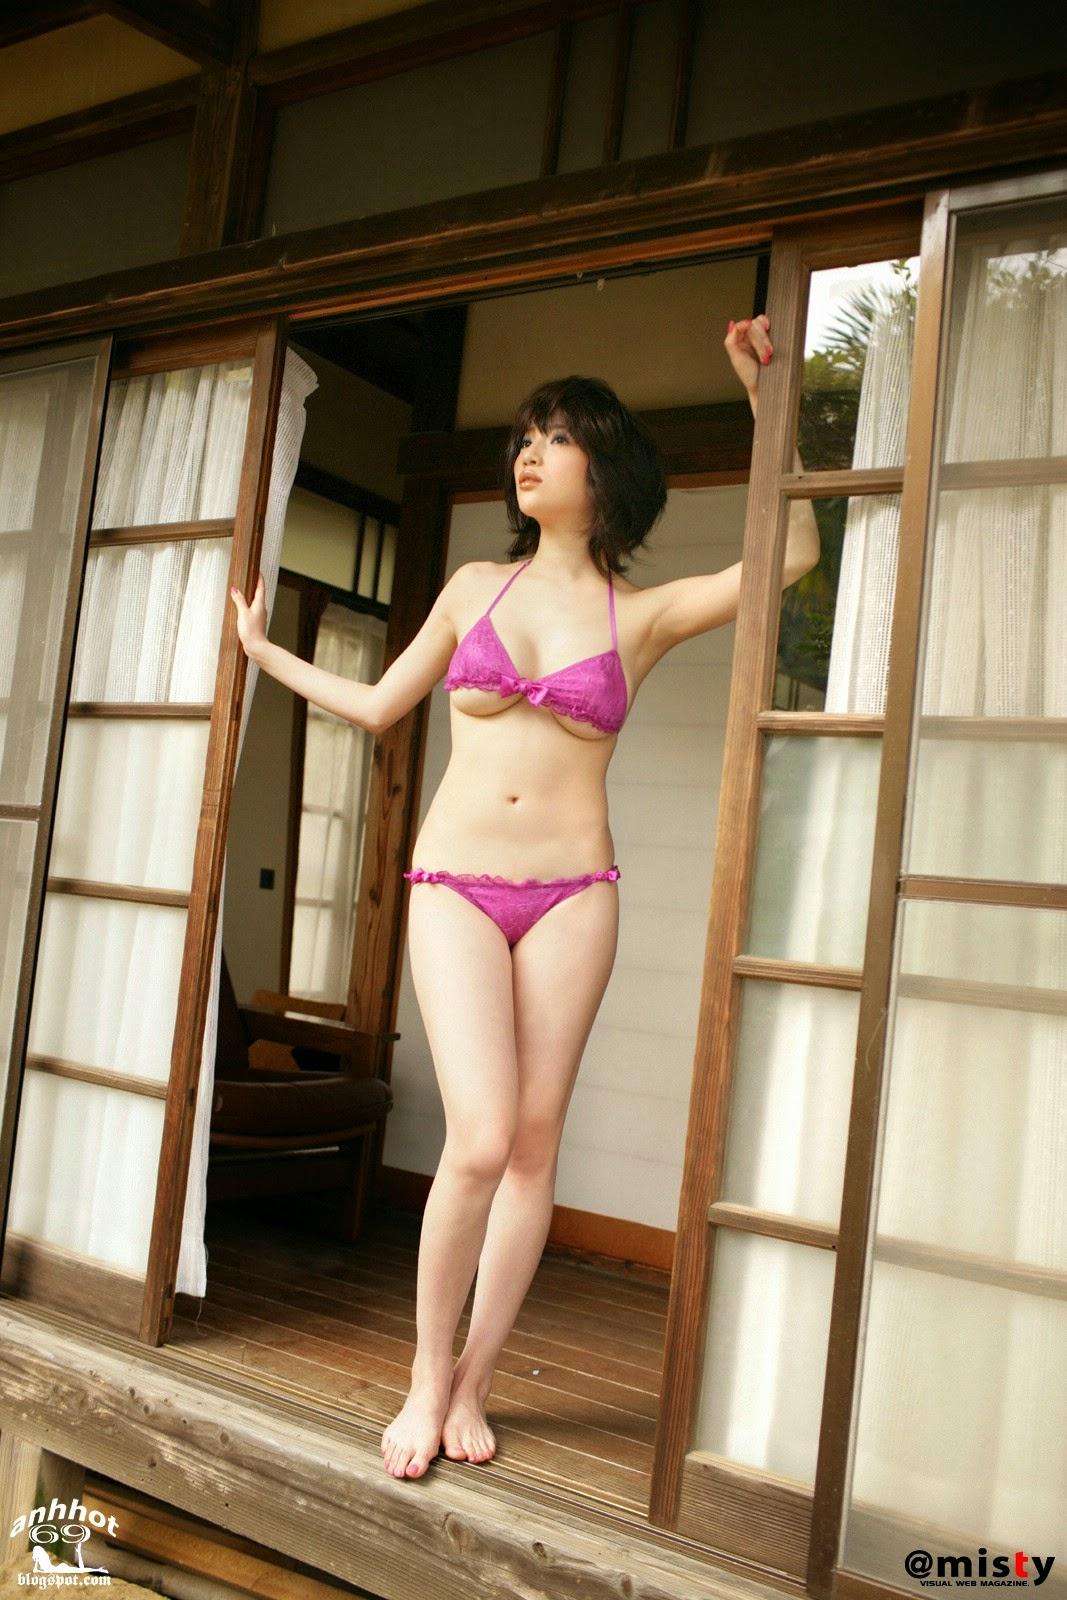 yuuri-morishita-02015138